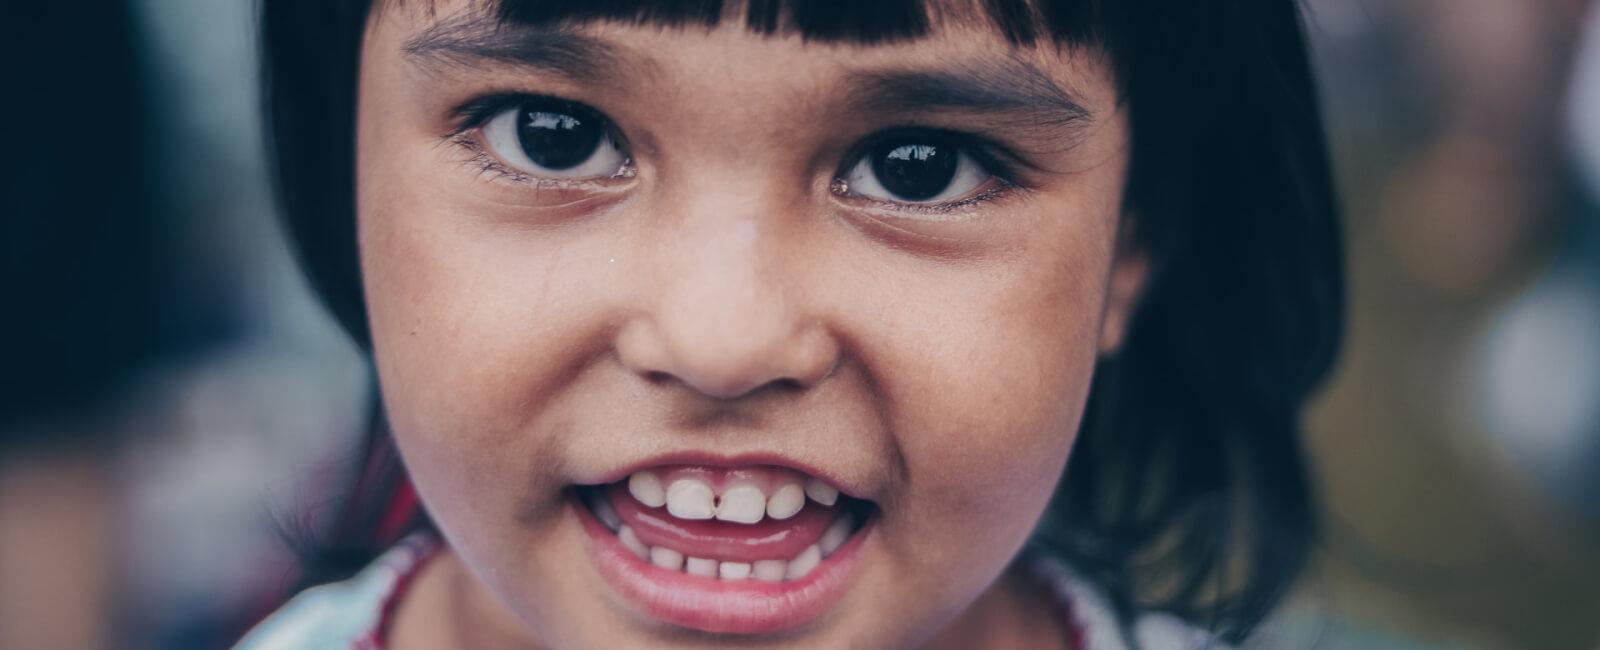 10.000 Euro für das SOS-Kinderdorf in Bukarest